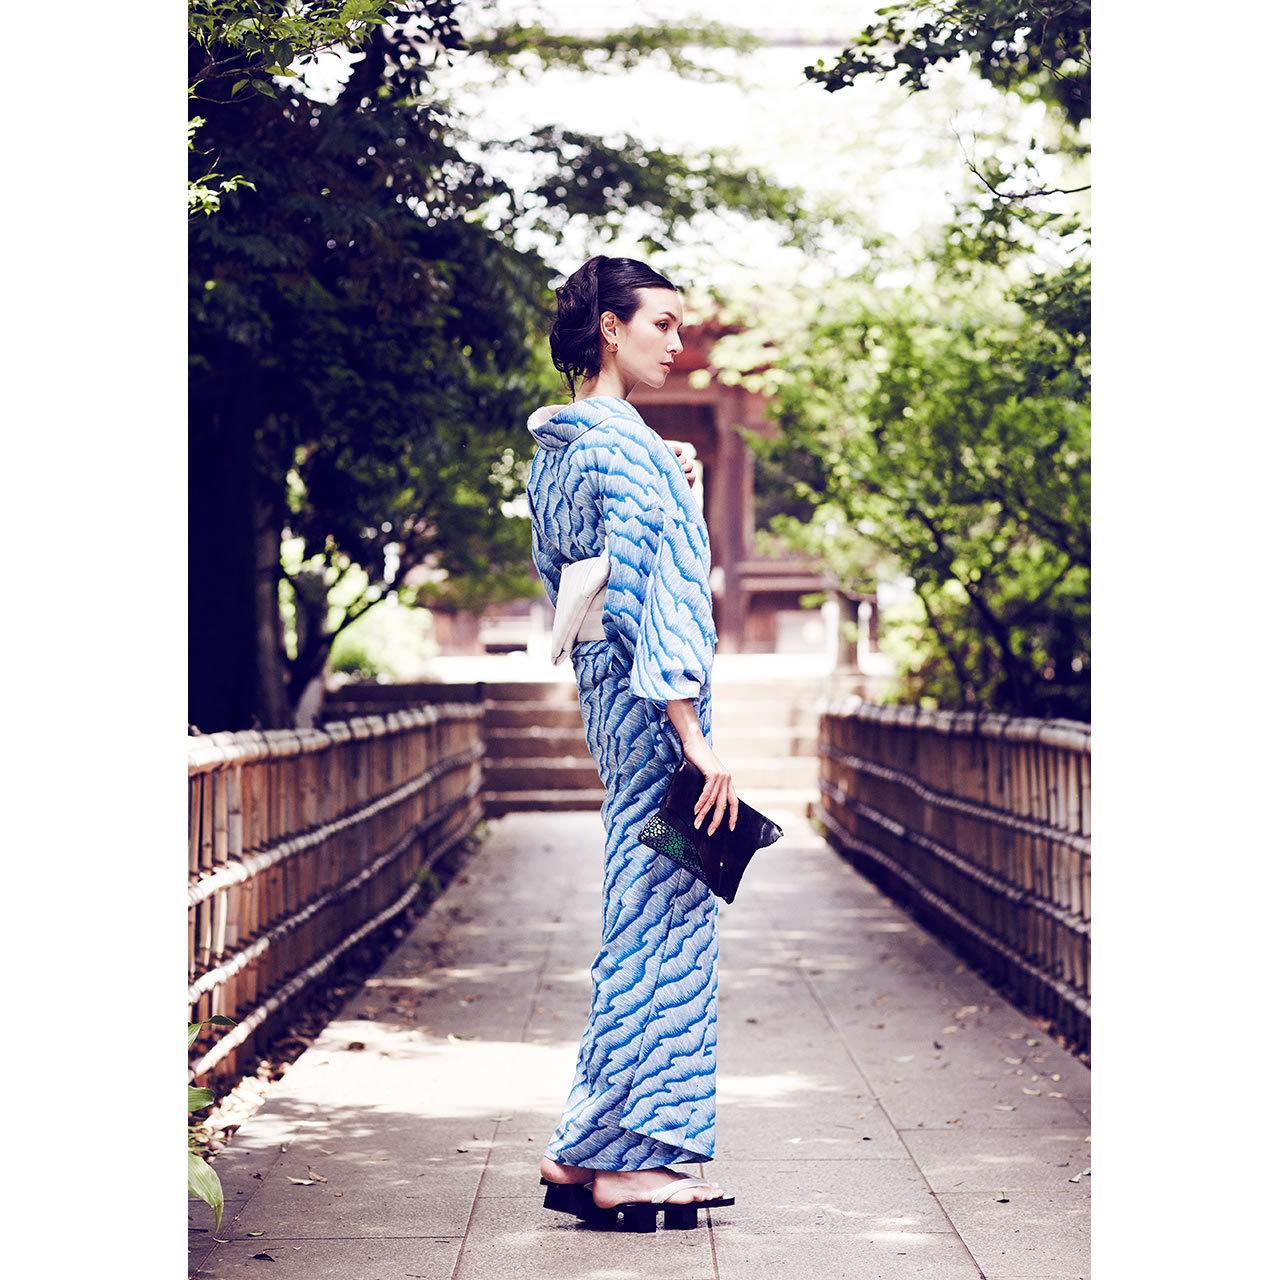 着物屋「KAPUKI」×Cherポップアップショップでいつもと違った浴衣スタイルを_1_1